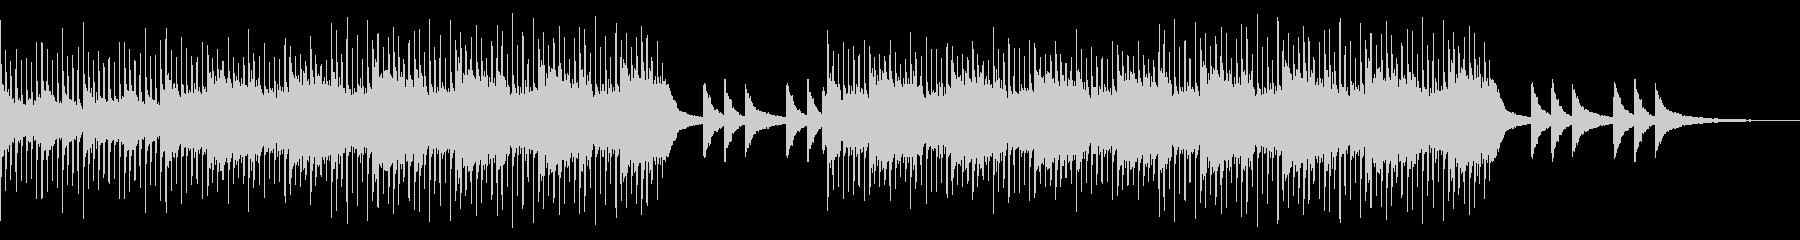 No melody Cool guitar violin's unreproduced waveform